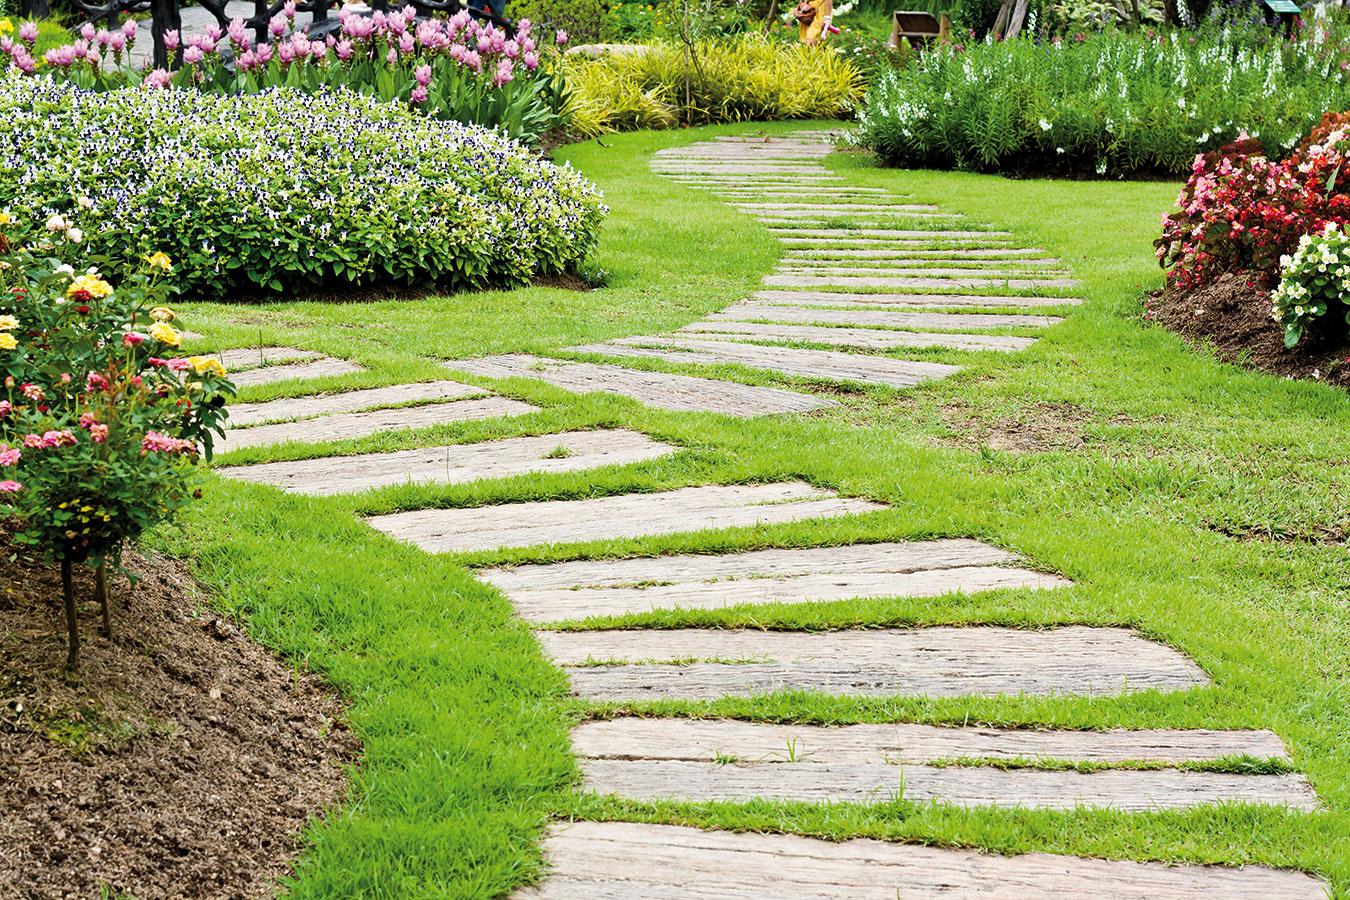 Správny tvar Viesť chodník naprieč záhradou je tým najhorším riešením. Naopak, ak sa bude záhradou vinúť avytvárať zákruty, získa na atraktivite. Samozrejme, všetkého veľa škodí – aj zákrut. Inak namiesto relaxu môžeme vyvolať pocit chaosu anepokoja. Netreba tiež zabúdať ani na správnu šírku chodníkov (užšie môžu mať do 1 m).